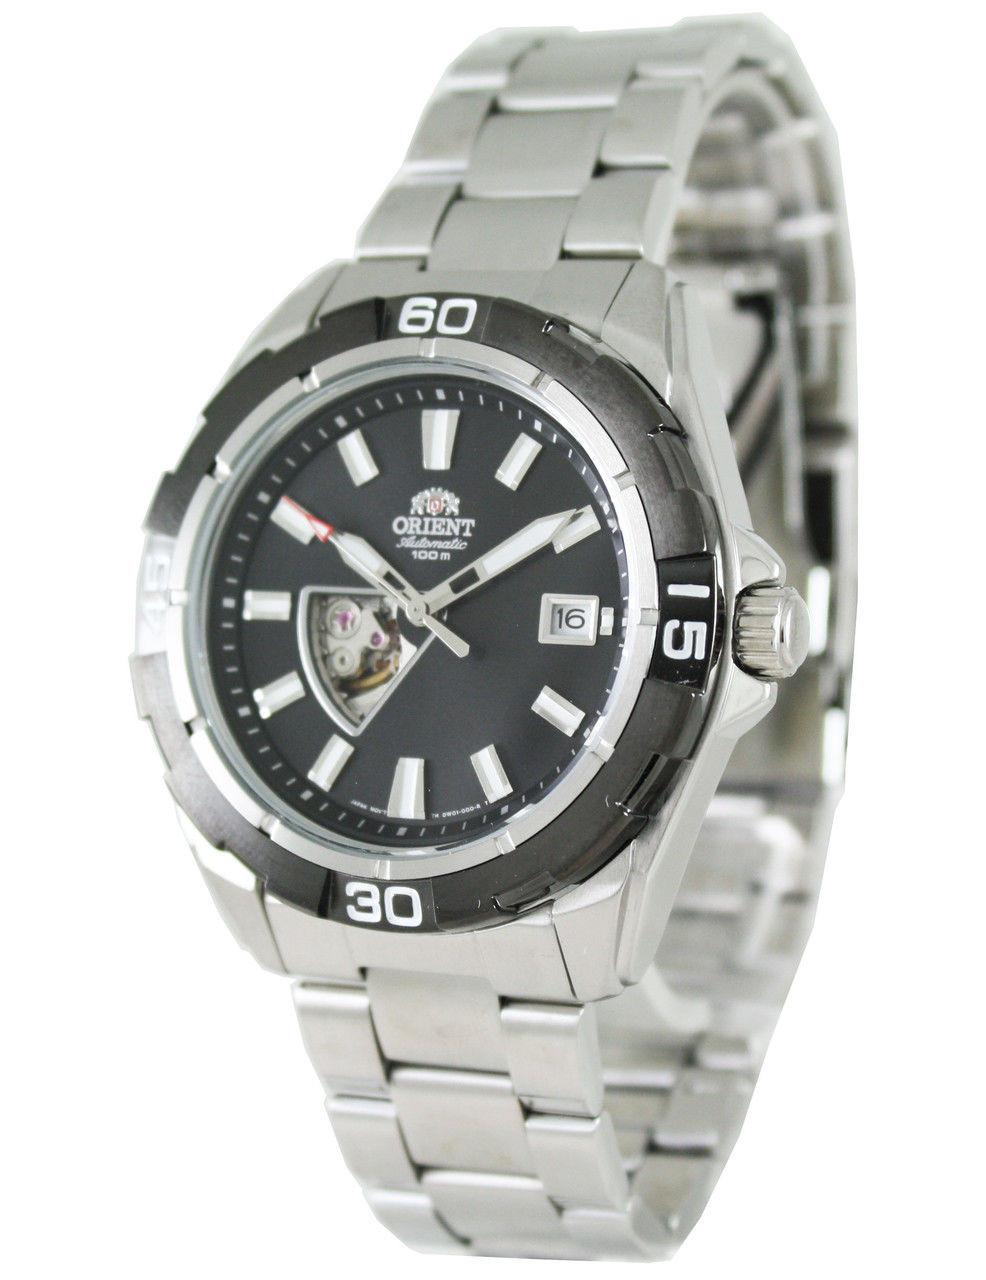 a4b3865e Часы ORIENT FDW01001D0 / ОРИЕНТ / Японские наручные часы / Украина / Одесса